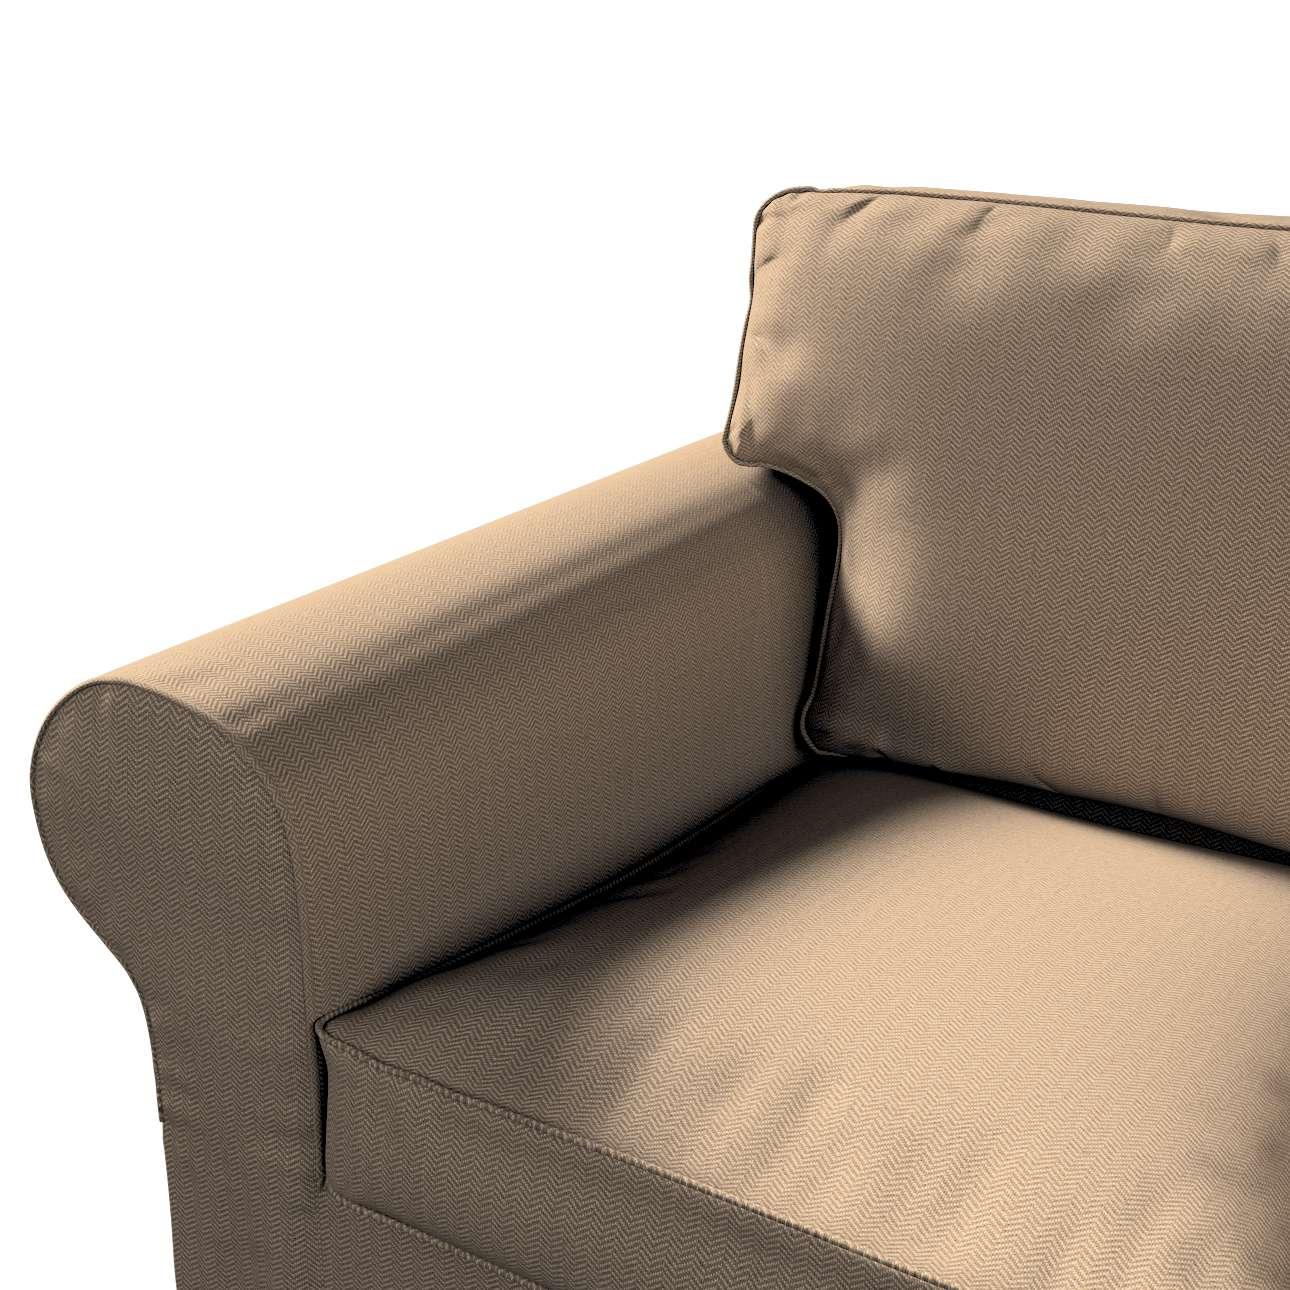 Pokrowiec na sofę Ektorp 2-osobową rozkładaną, model po 2012 w kolekcji Bergen, tkanina: 161-85